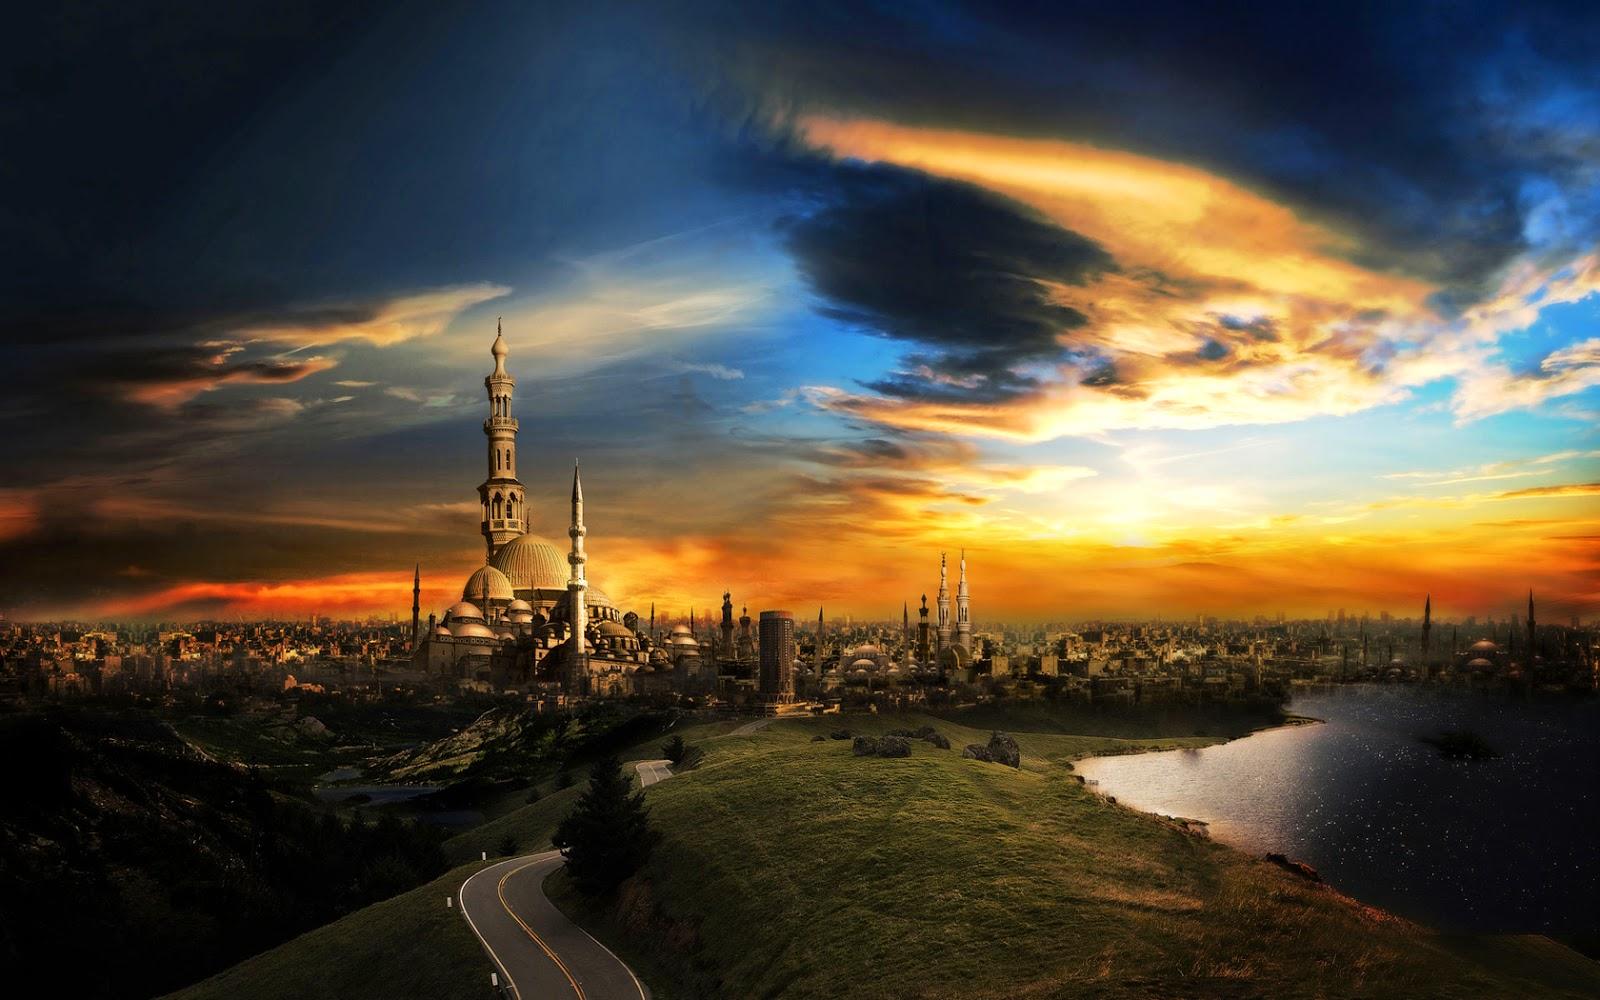 """<img src=""""http://4.bp.blogspot.com/-HDXrWKNgwkM/U7-5YGaJcgI/AAAAAAAALic/ZMH_oHM2-wg/s1600/city-hd-wallpaper.jpeg"""" alt=""""City HD Wallpaper"""" />"""